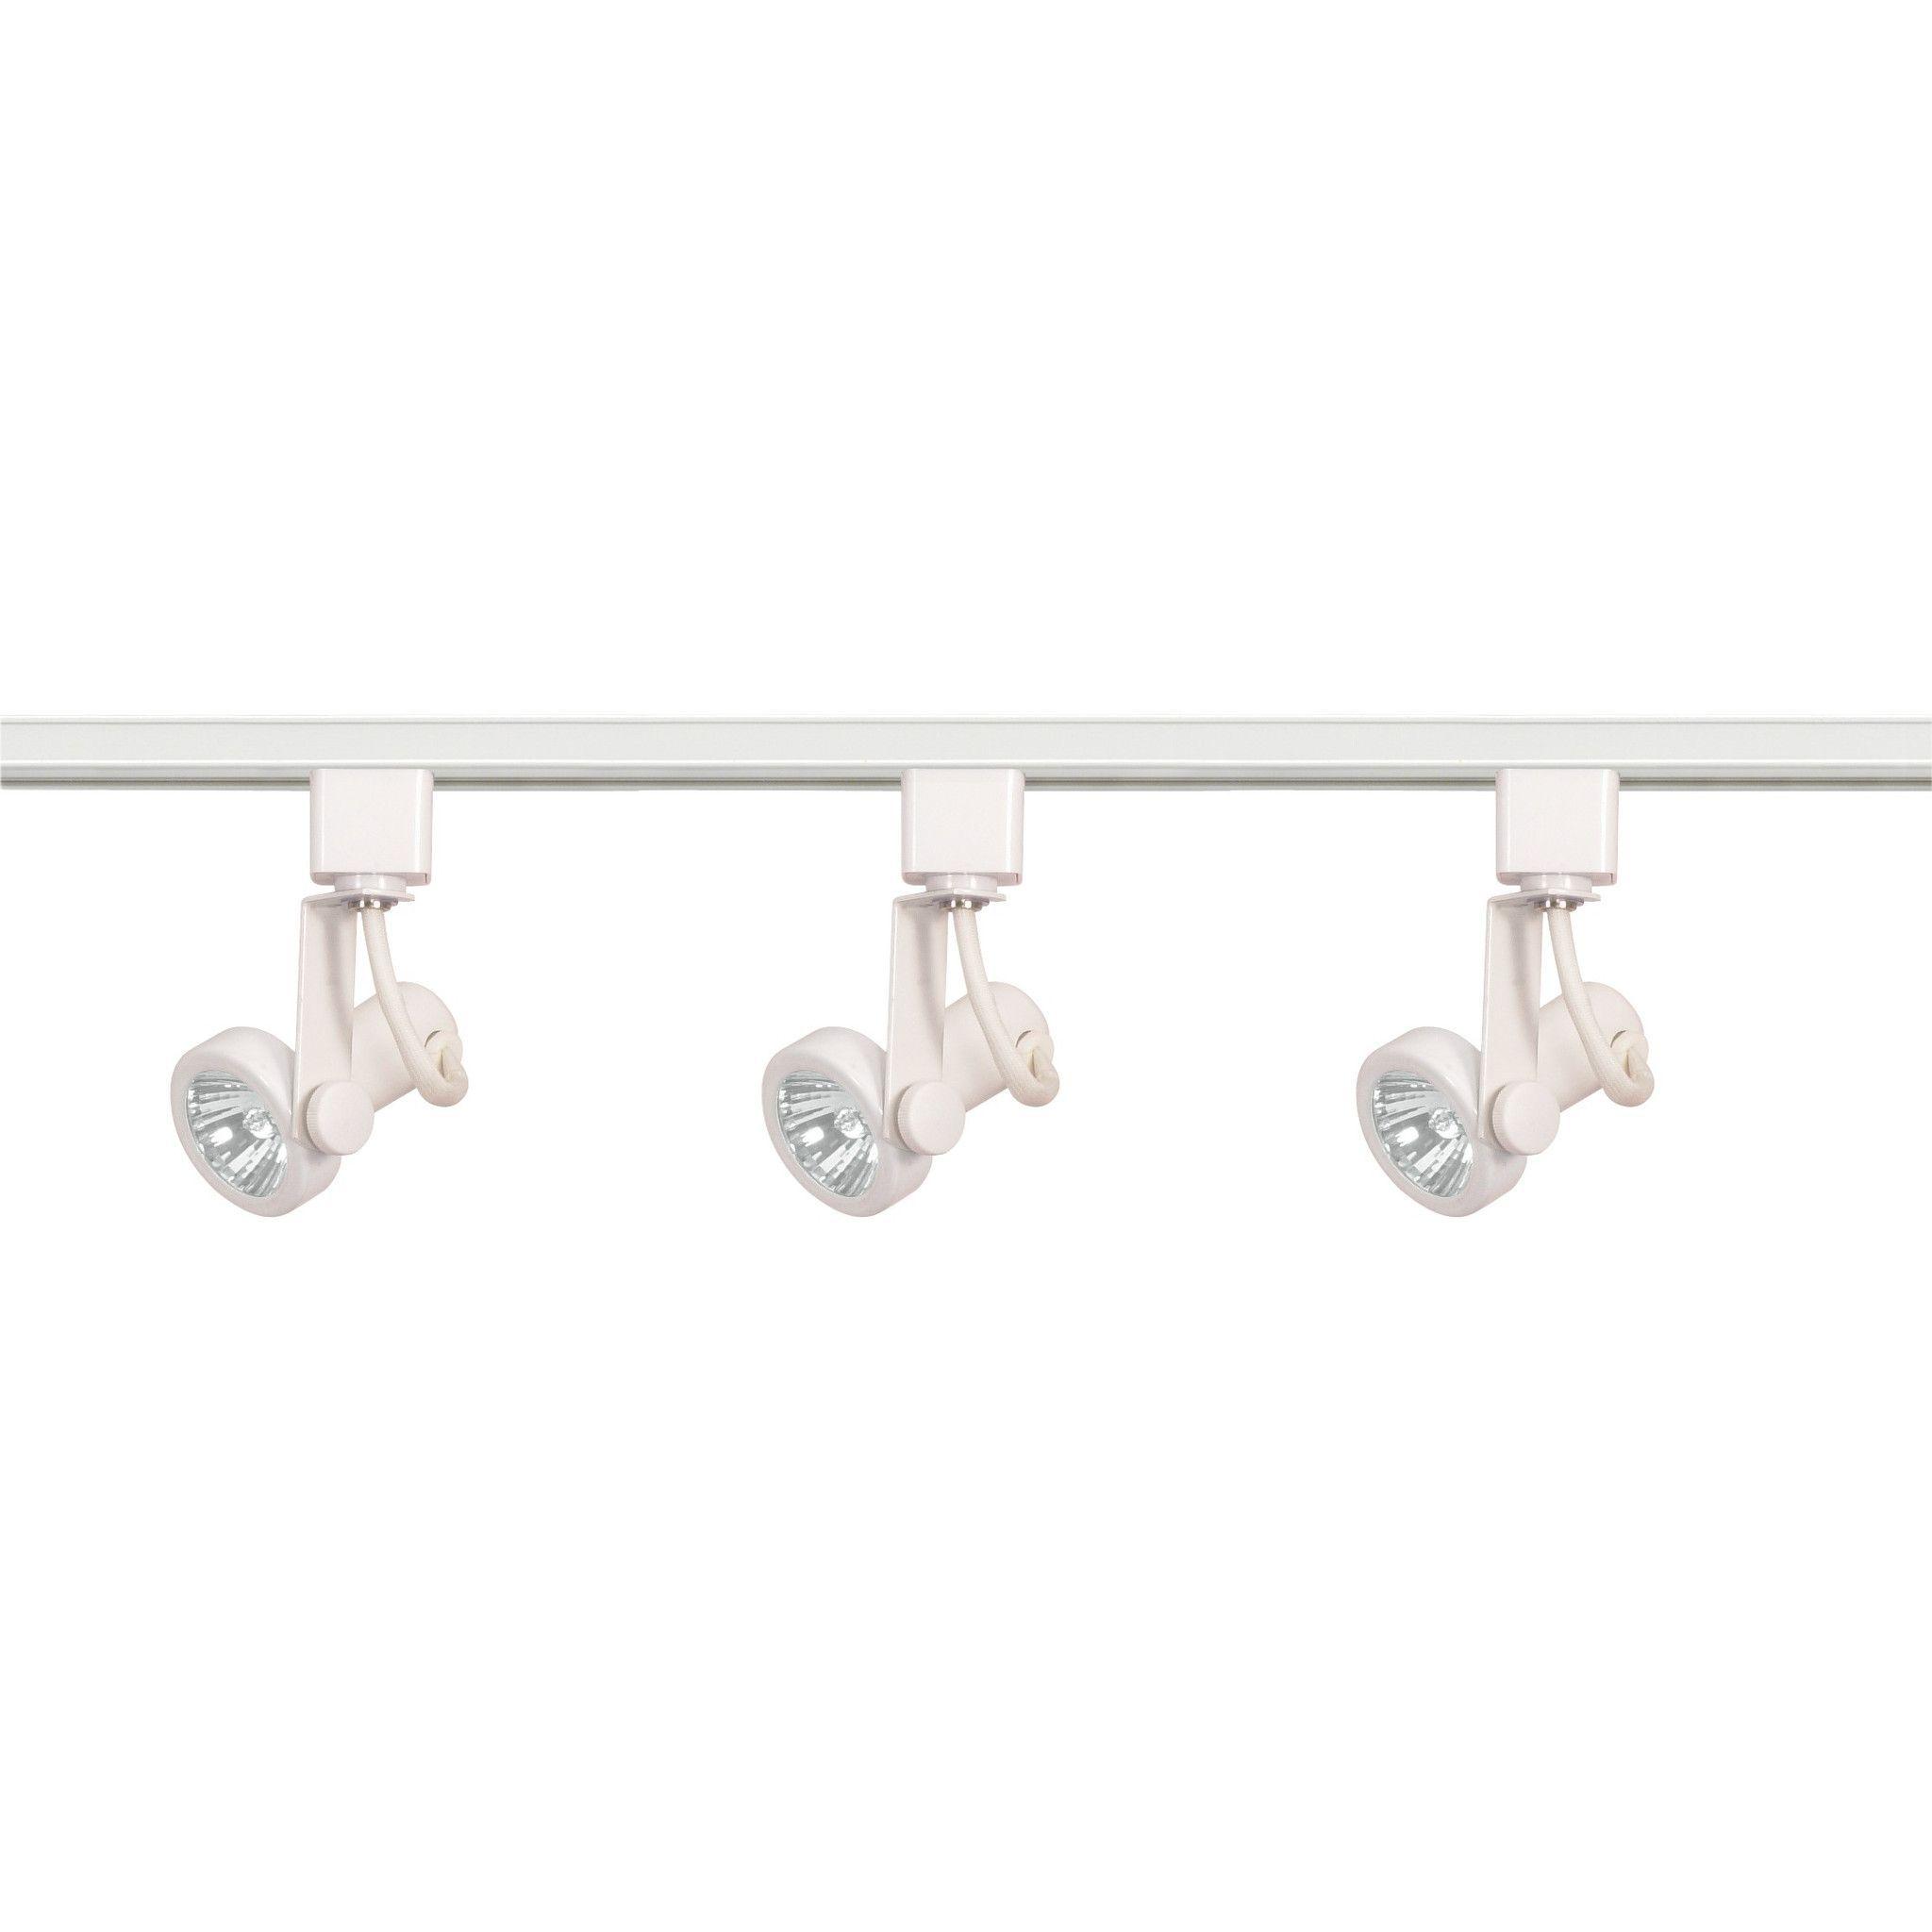 lights mr gimbal ring track lighting kit line voltage  - lights mr gimbal ring track lighting kit line voltage